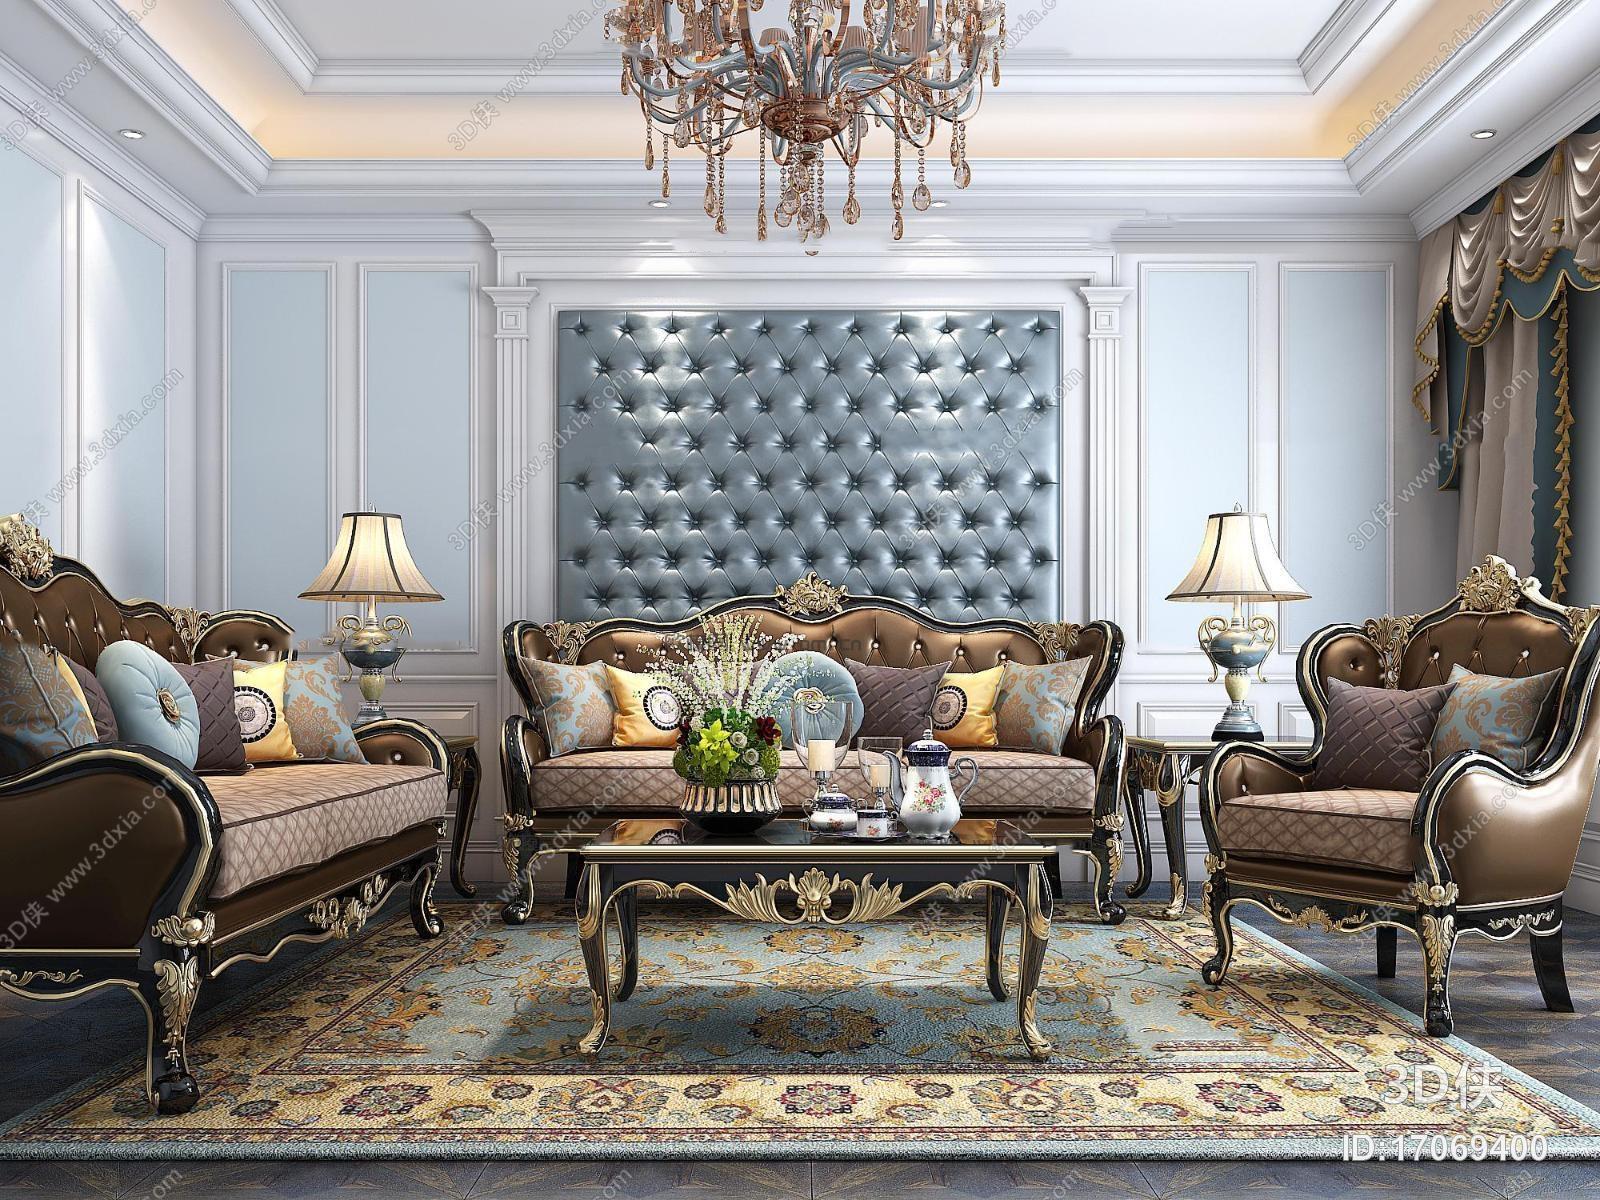 2012版本,建议使用3dmax 2012 软件打开,该欧式风格组合沙发图片素材